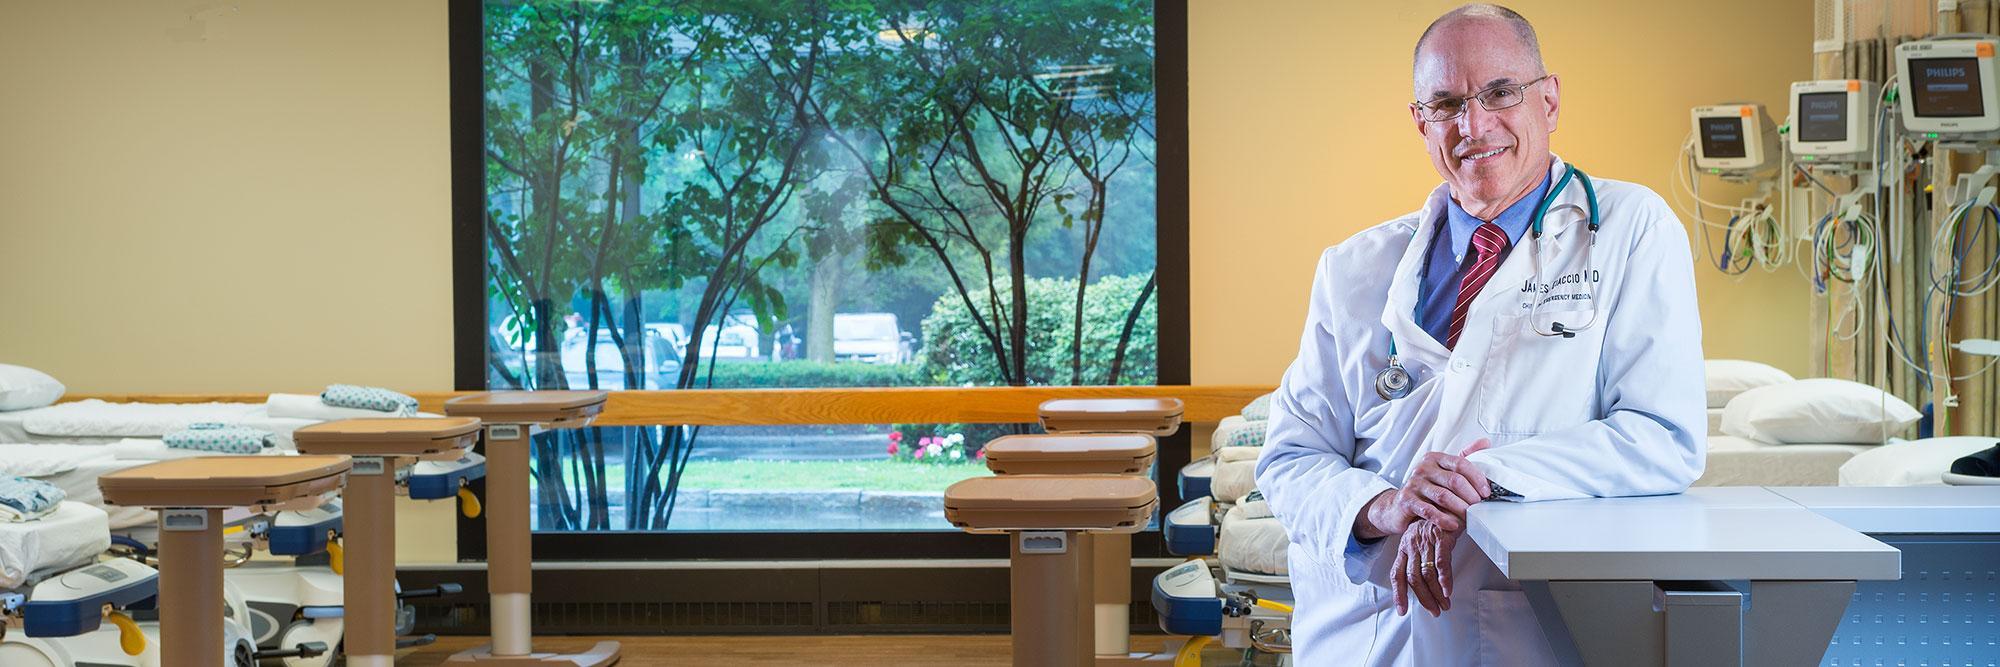 University Hospital Community Campus | SUNY Upstate Medical